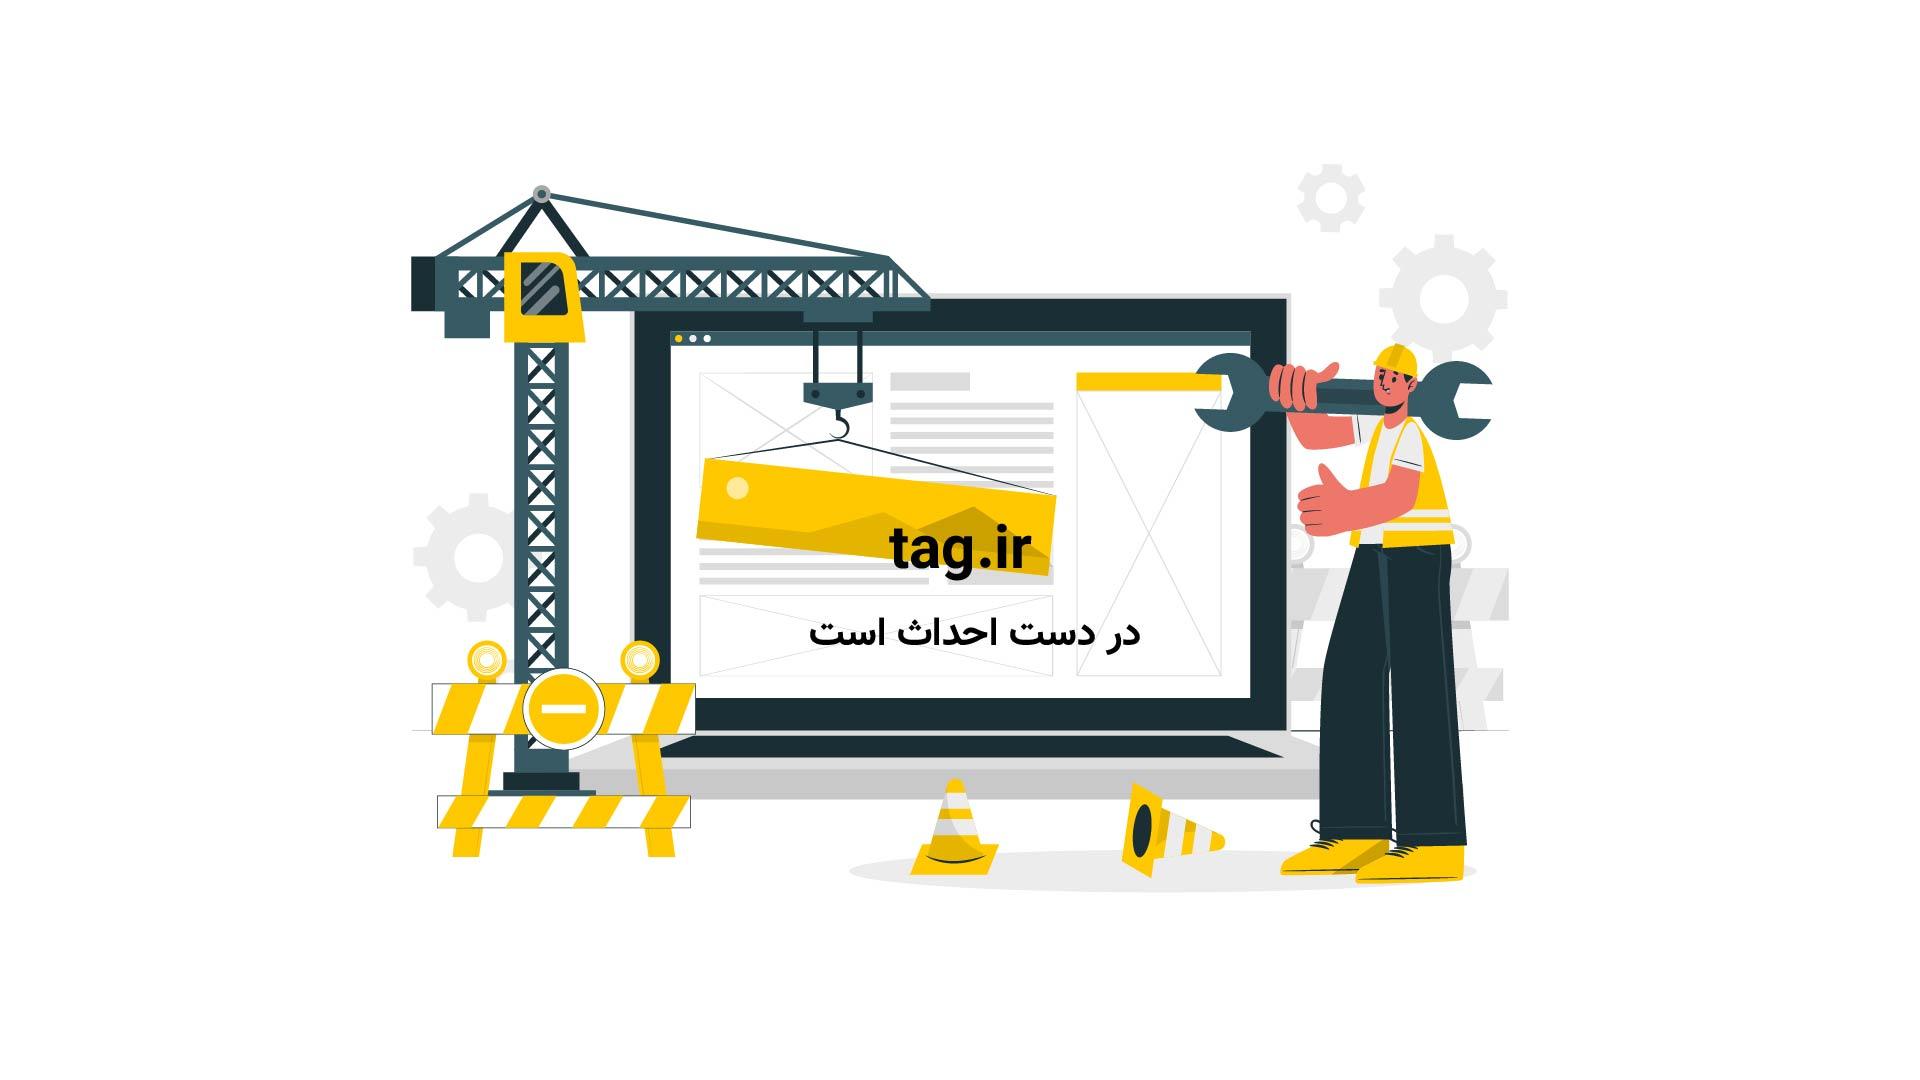 ماه گرفتگی | تگ